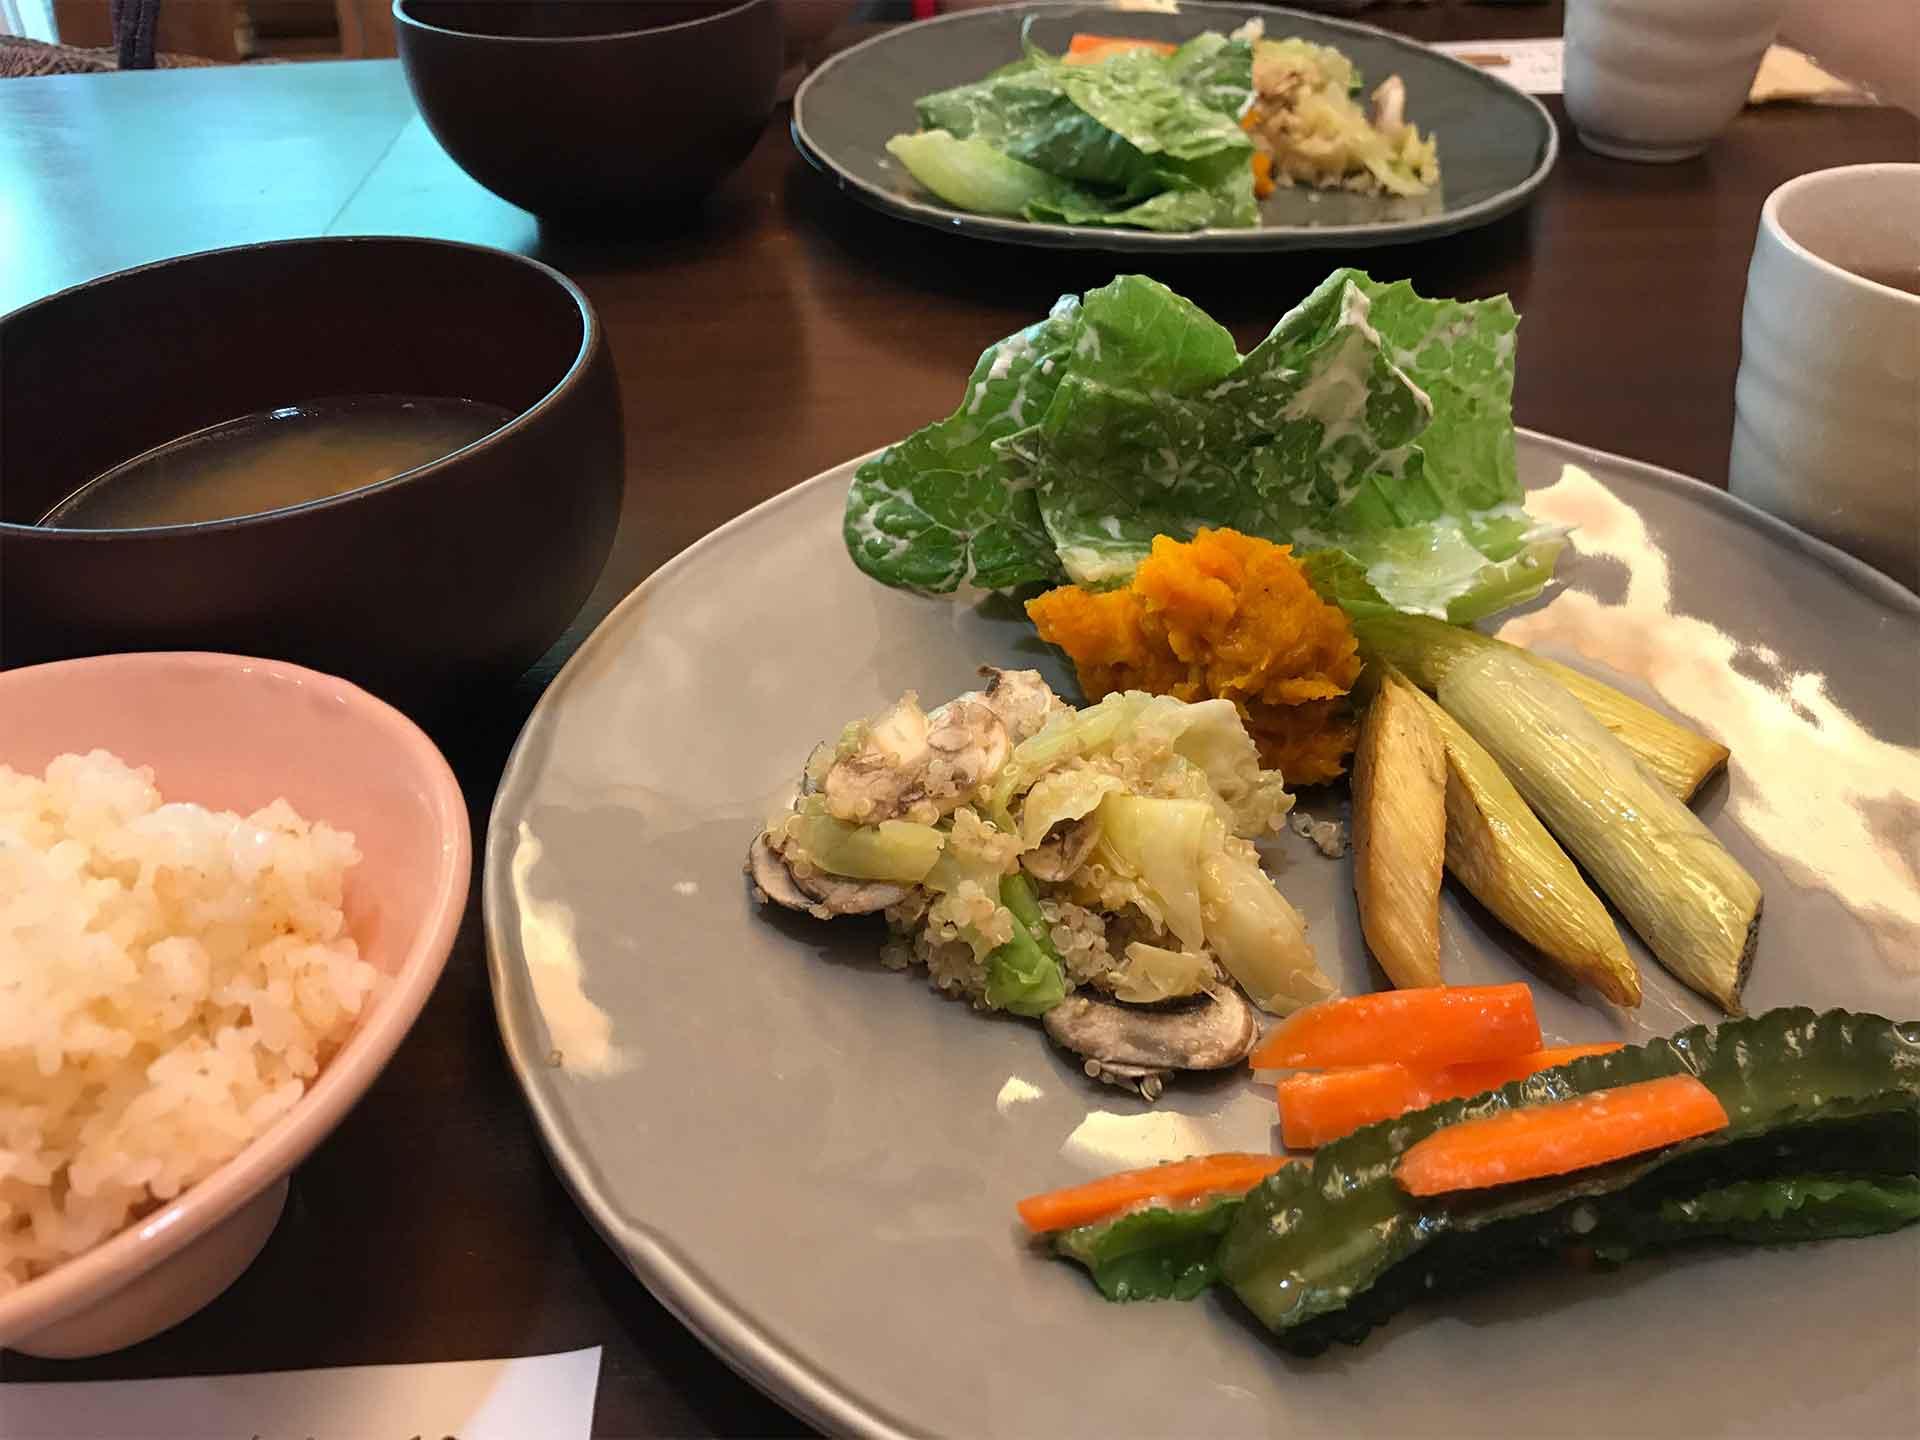 本道佳子さんのお料理